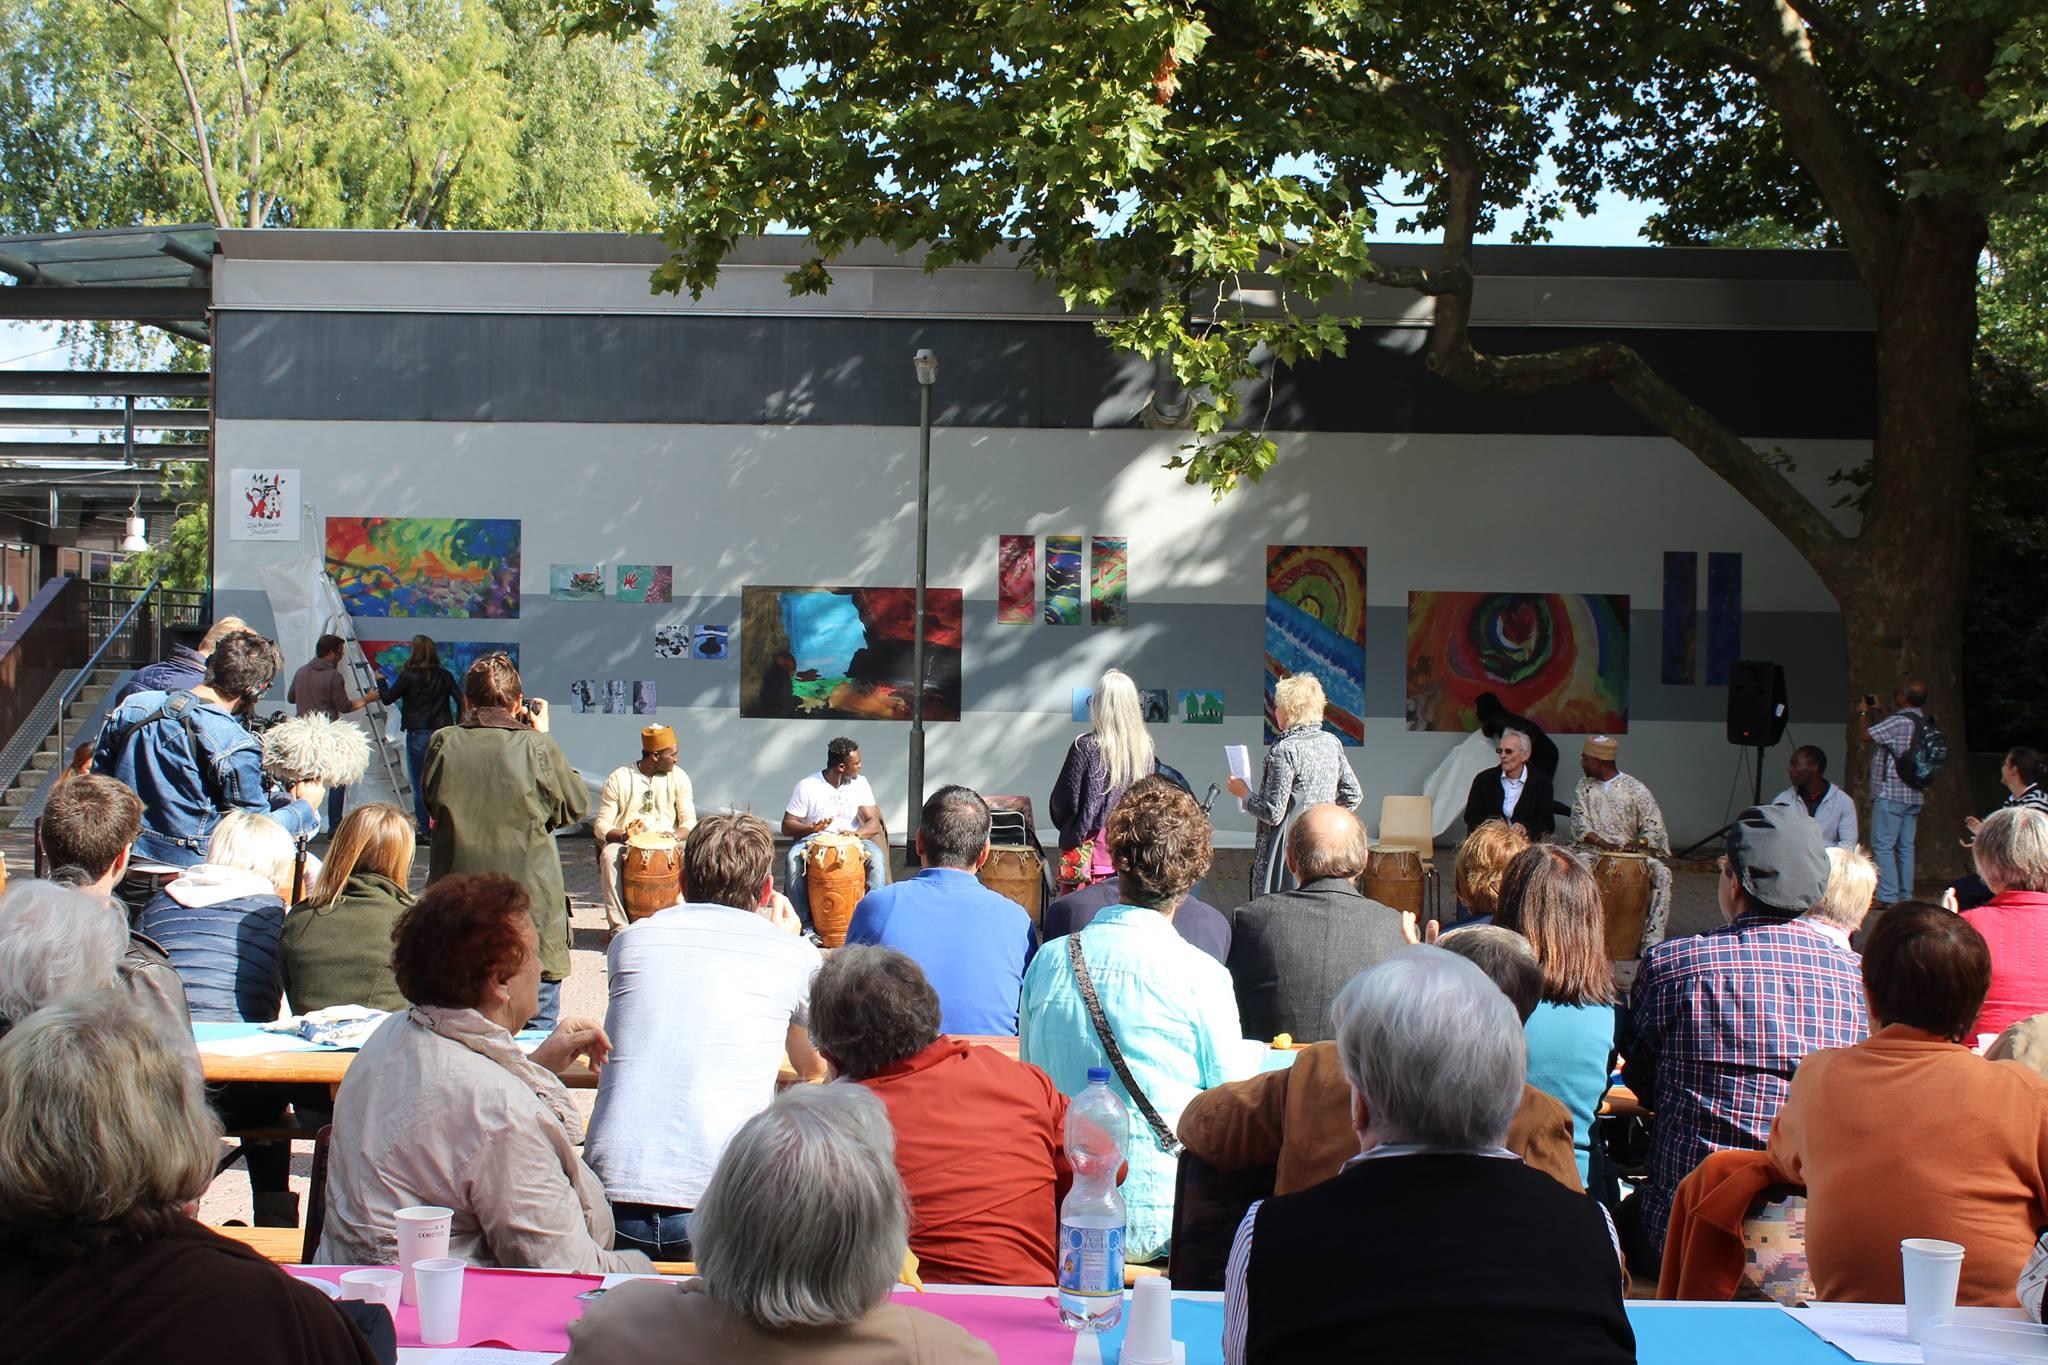 Verschönerung für den Platz im Kleinen Zentrum. Foto: Ulrich Schaffert